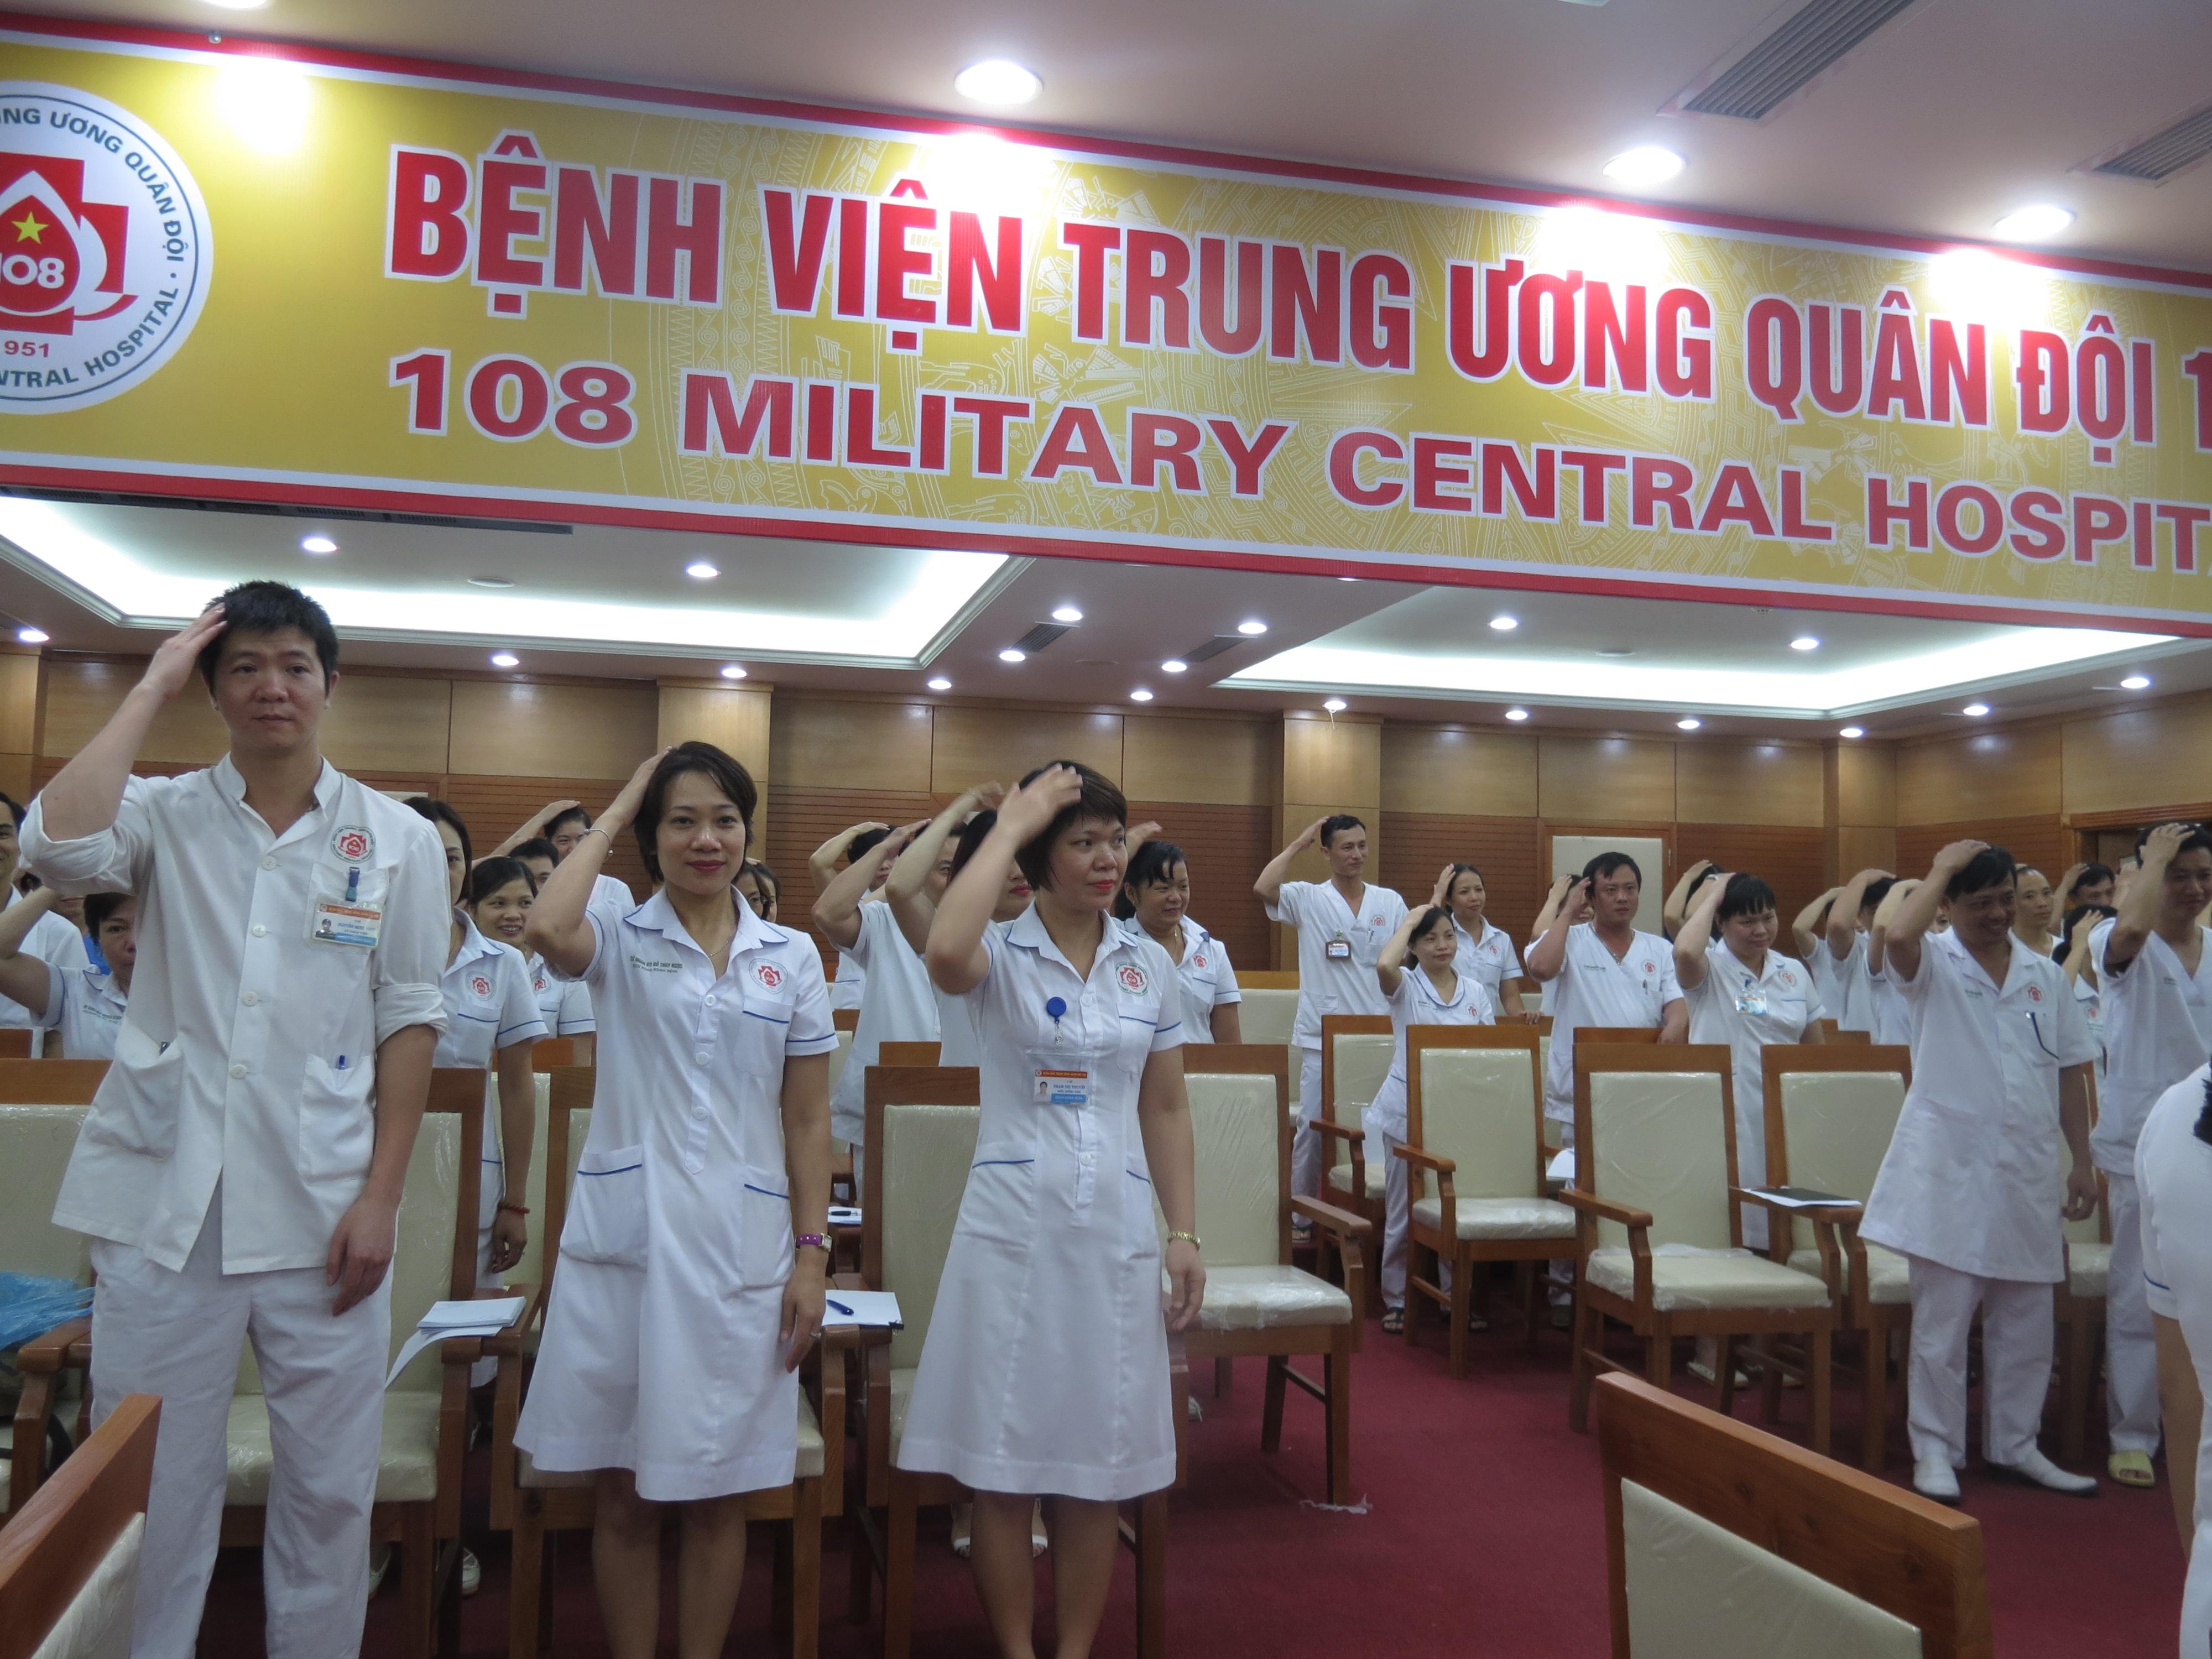 """Chương trình đào tạo """"Kỹ Năng Giao Tiếp Và Xử Lý Tình Huống"""" lần thứ 7 cho Bệnh Viên Trung Ương Quân Đội 108"""